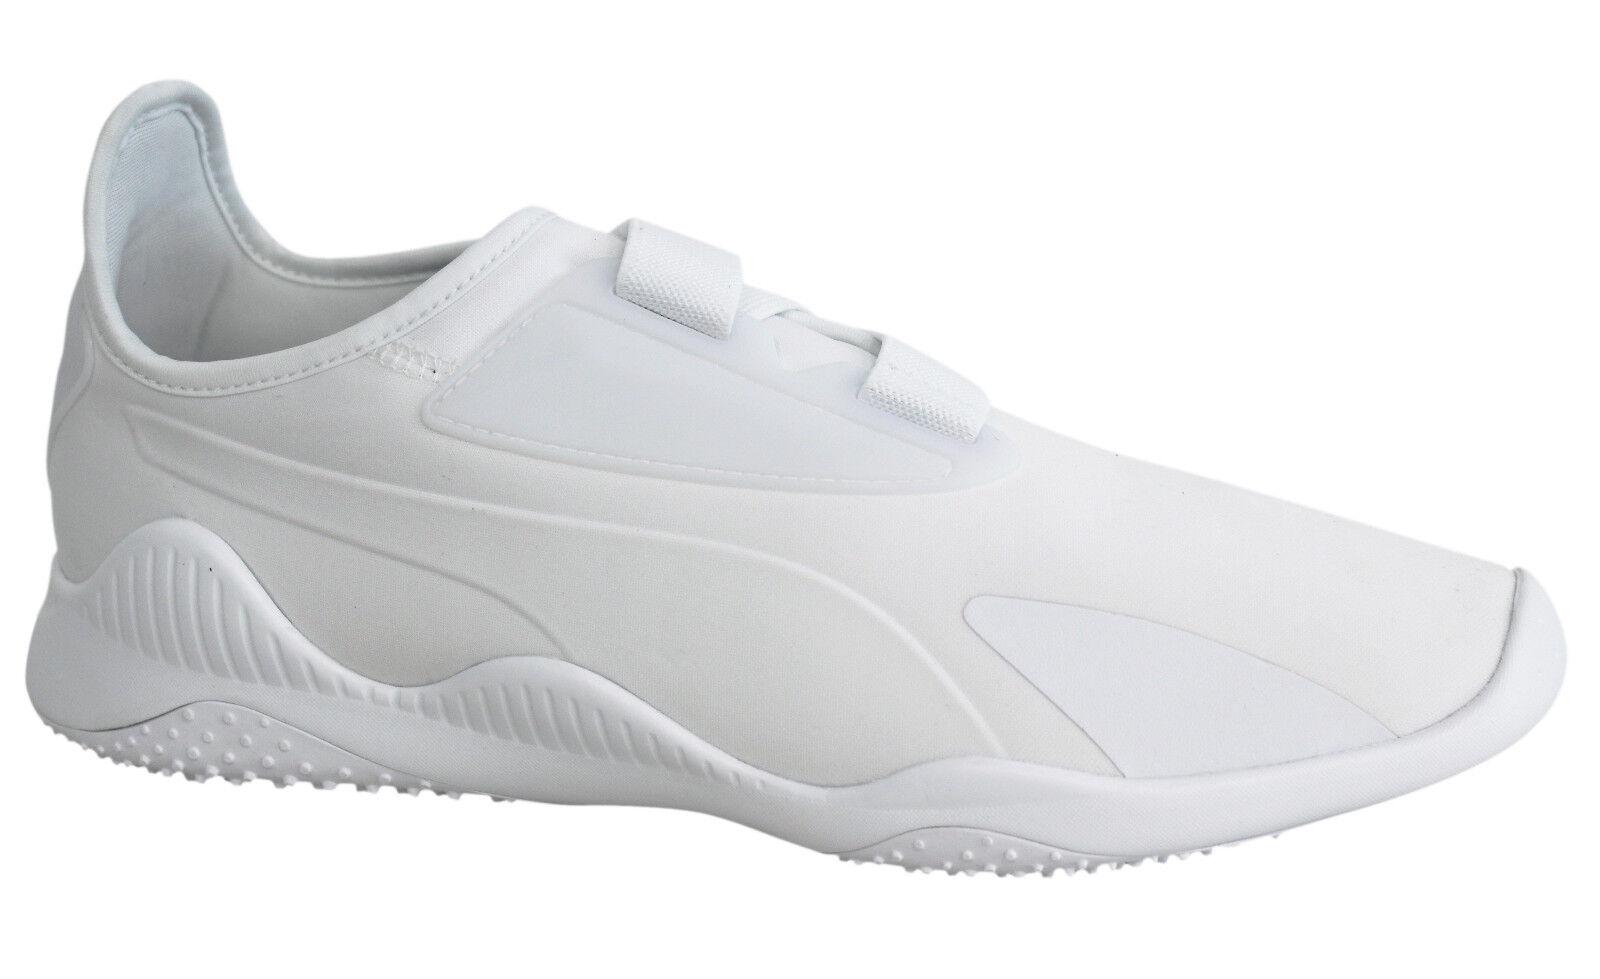 Cinturino Bianco Puma Mostro Verso L'Alto Sneaker Uomo 362426 02 m2 Scarpe classiche da uomo